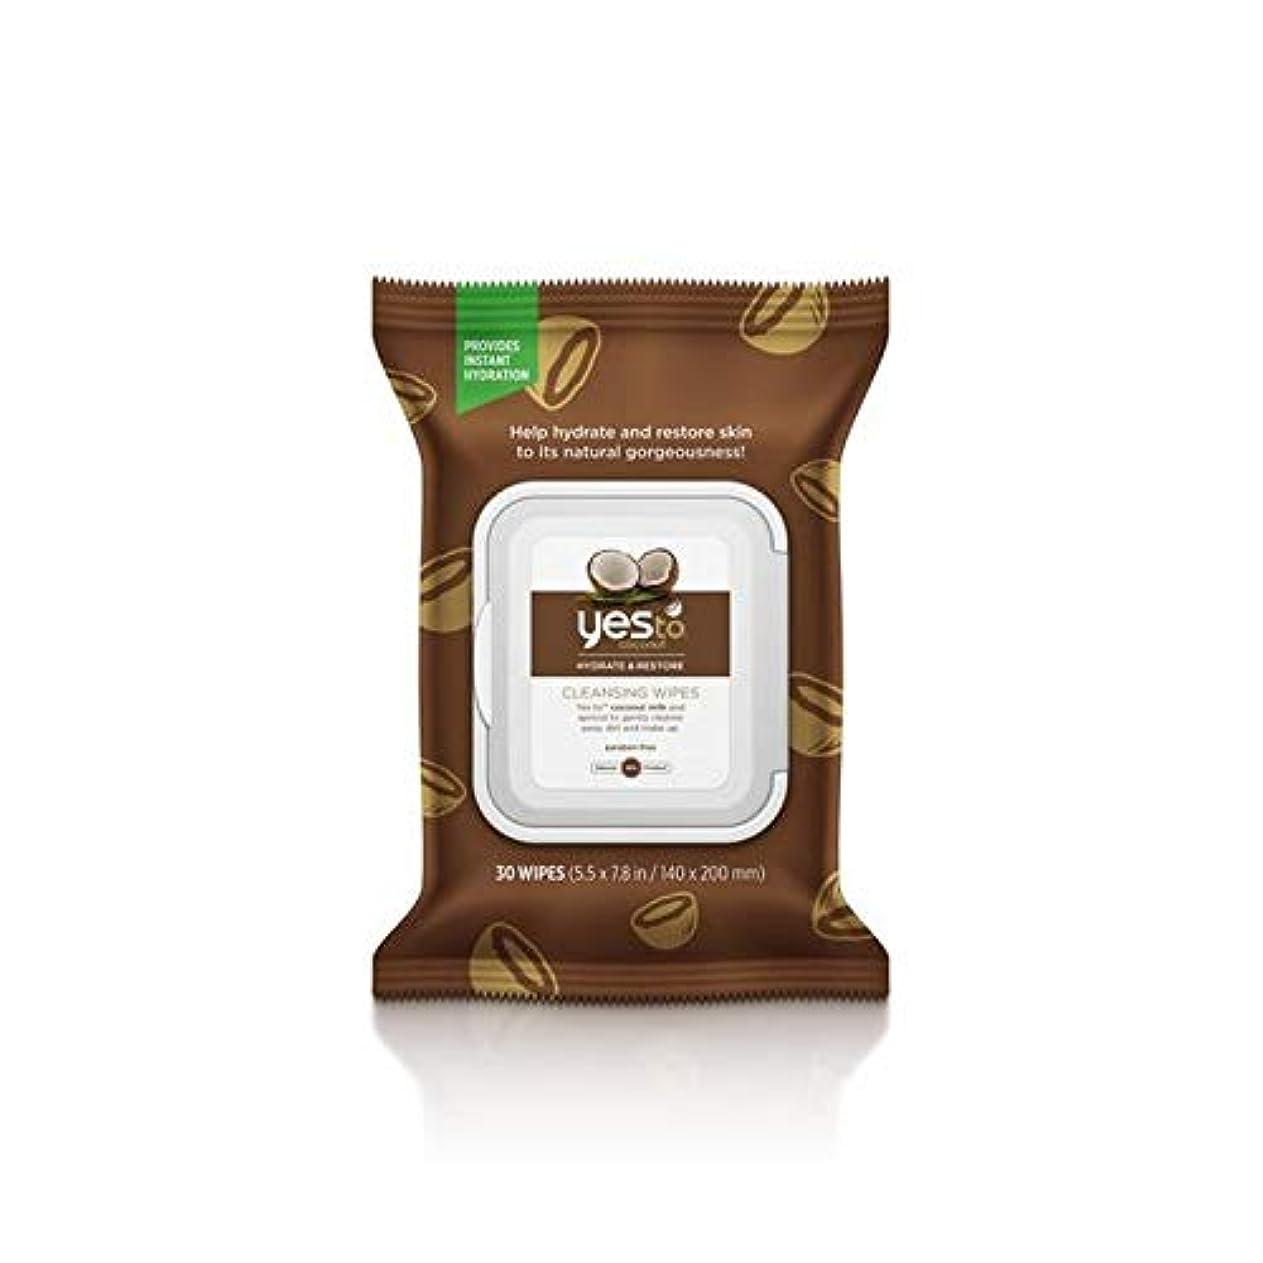 警官しばしばコード[YES TO! ] はいココナッツクレンジング顔にパックあたり25ワイプ - Yes To Coconut Cleansing Face Wipes 25 per pack [並行輸入品]